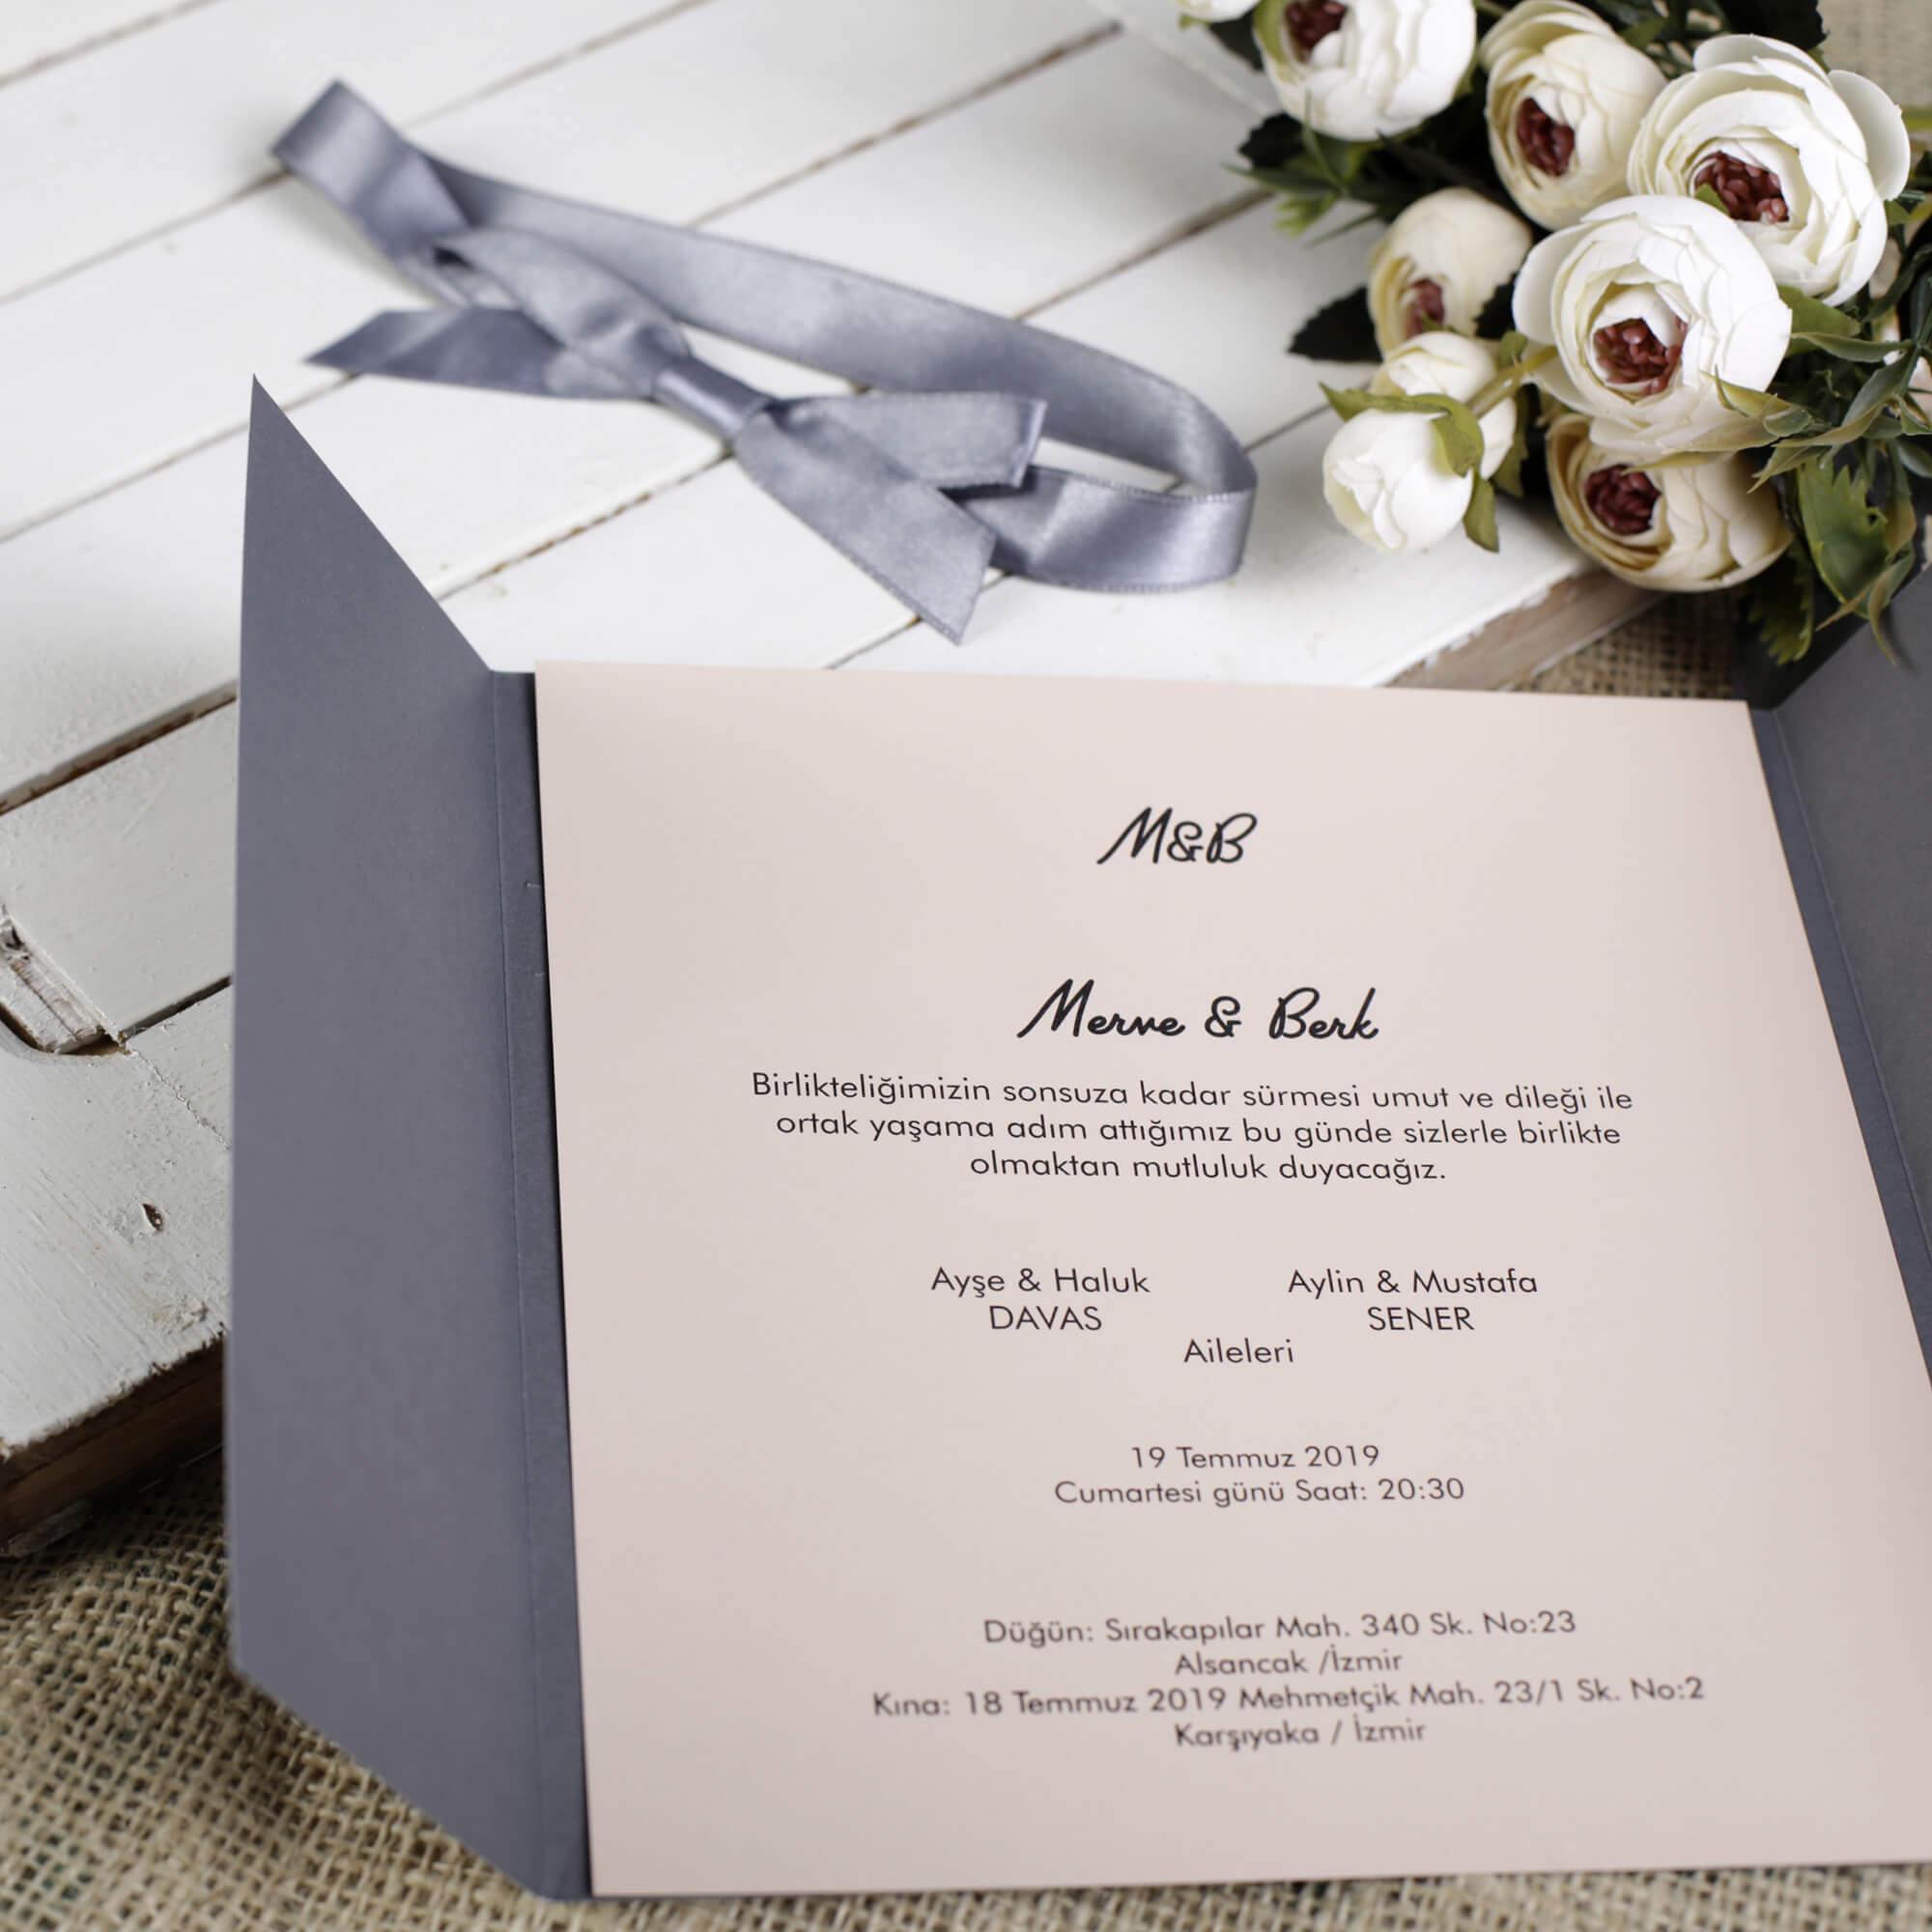 Düğün-Davetiye-Modelleri-ve-Fiyatları-10200-2